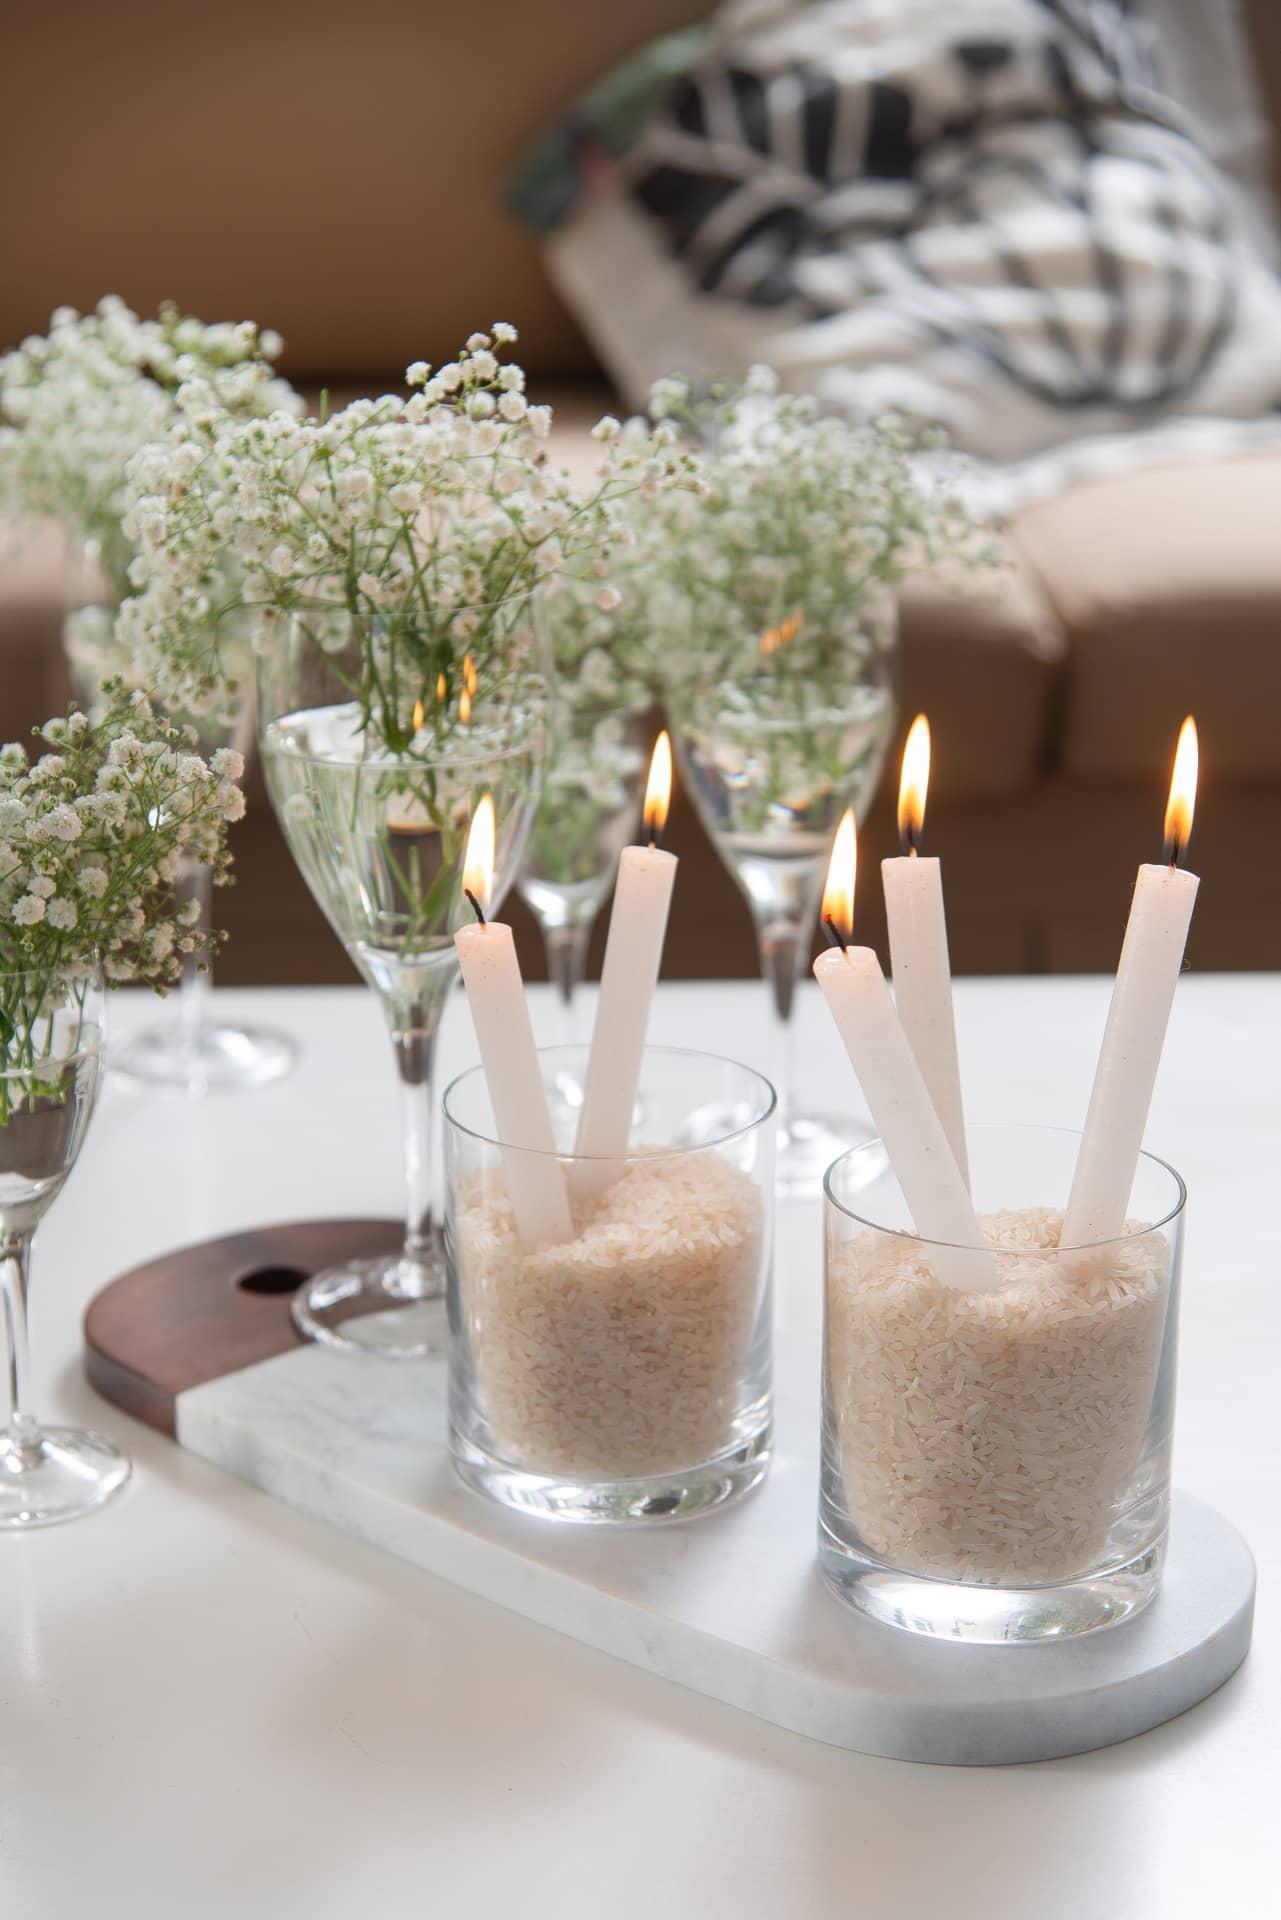 Imagem: Os copos On The Rocks, da Oxford, viram castiçais. É só enchê-los com arroz (que simboliza prosperidade) e espetar algumas velas.Foto: Cacá Bratke